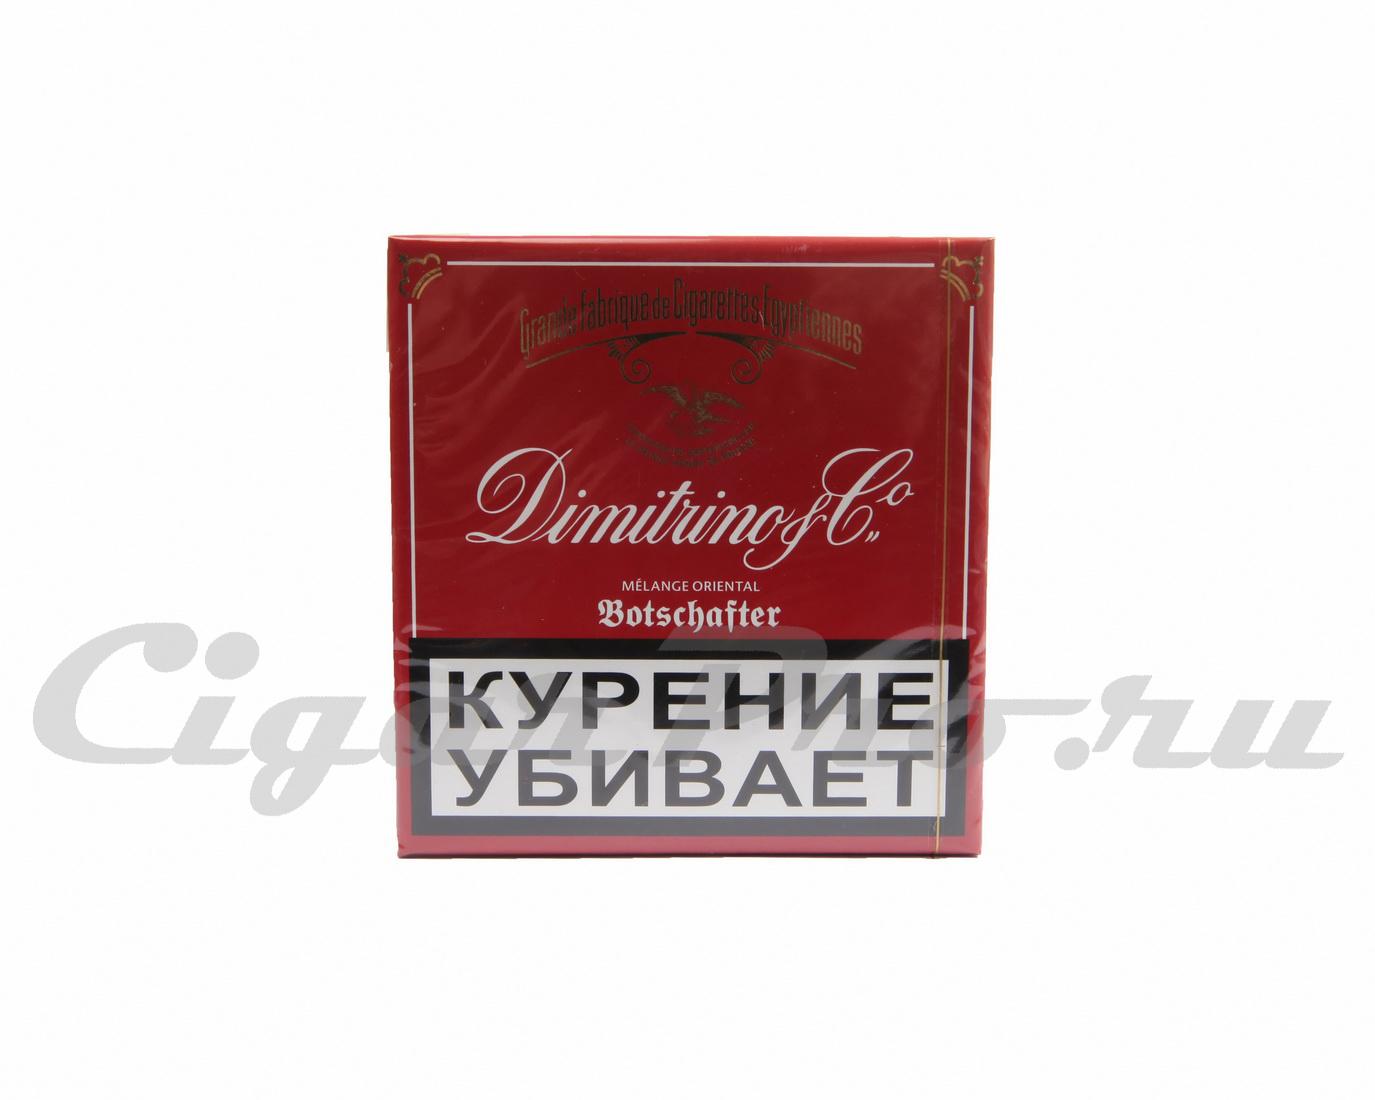 Dimitrino купить сигареты купить сигареты с кнопкой онлайн